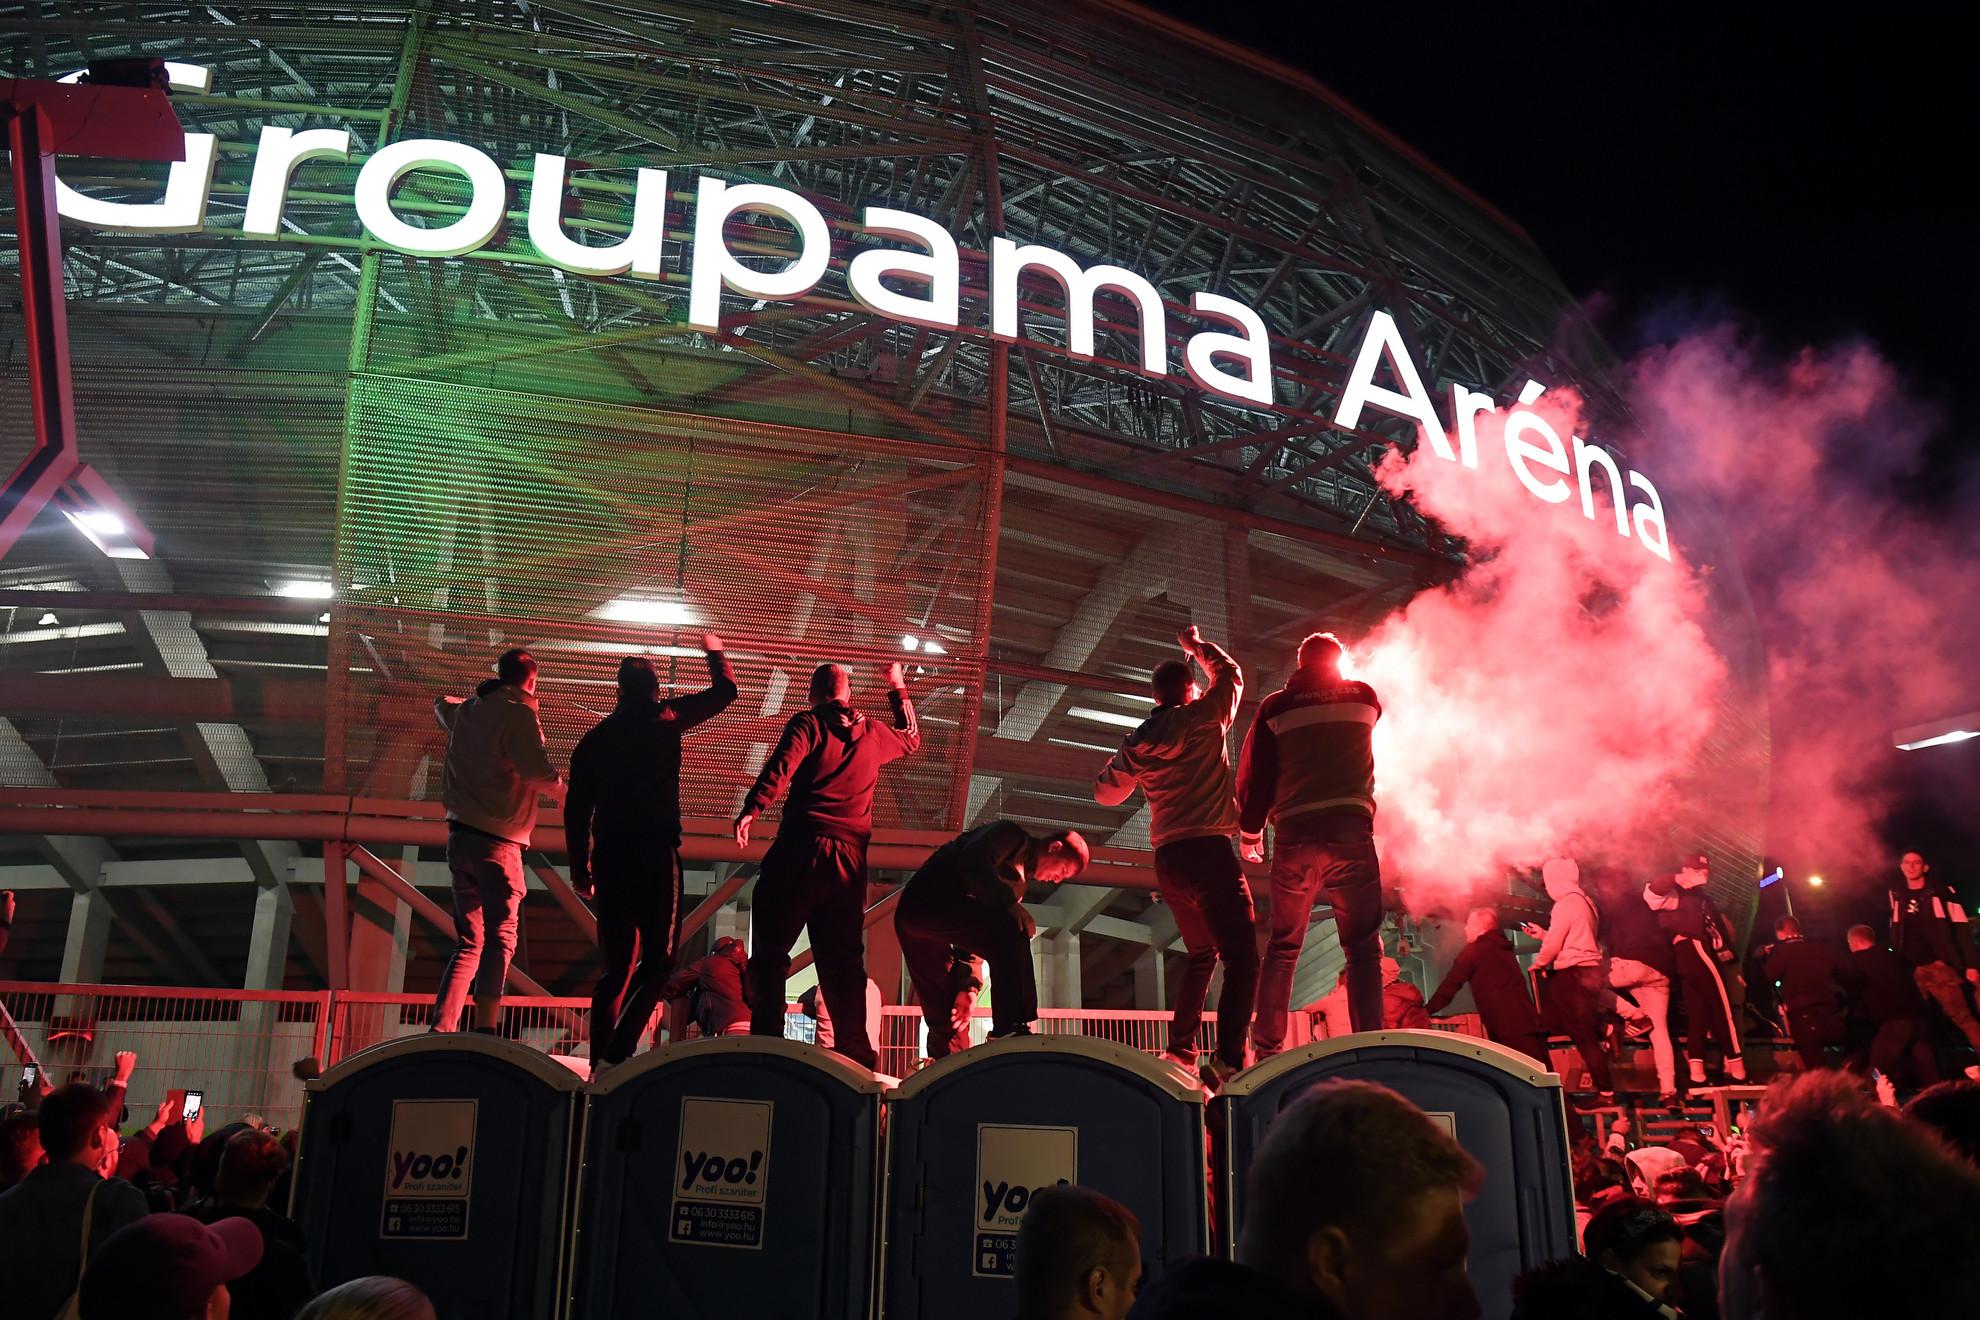 Ferencvárosi szurkolók ünneplik csapatukat a labdarúgó Bajnokok Ligája-selejtezőjének negyedik fordulójában játszott Ferencváros-Molde zárt kapus mérkőzés után a budapesti Groupama Aréna előtt 2020. szeptember 29-én